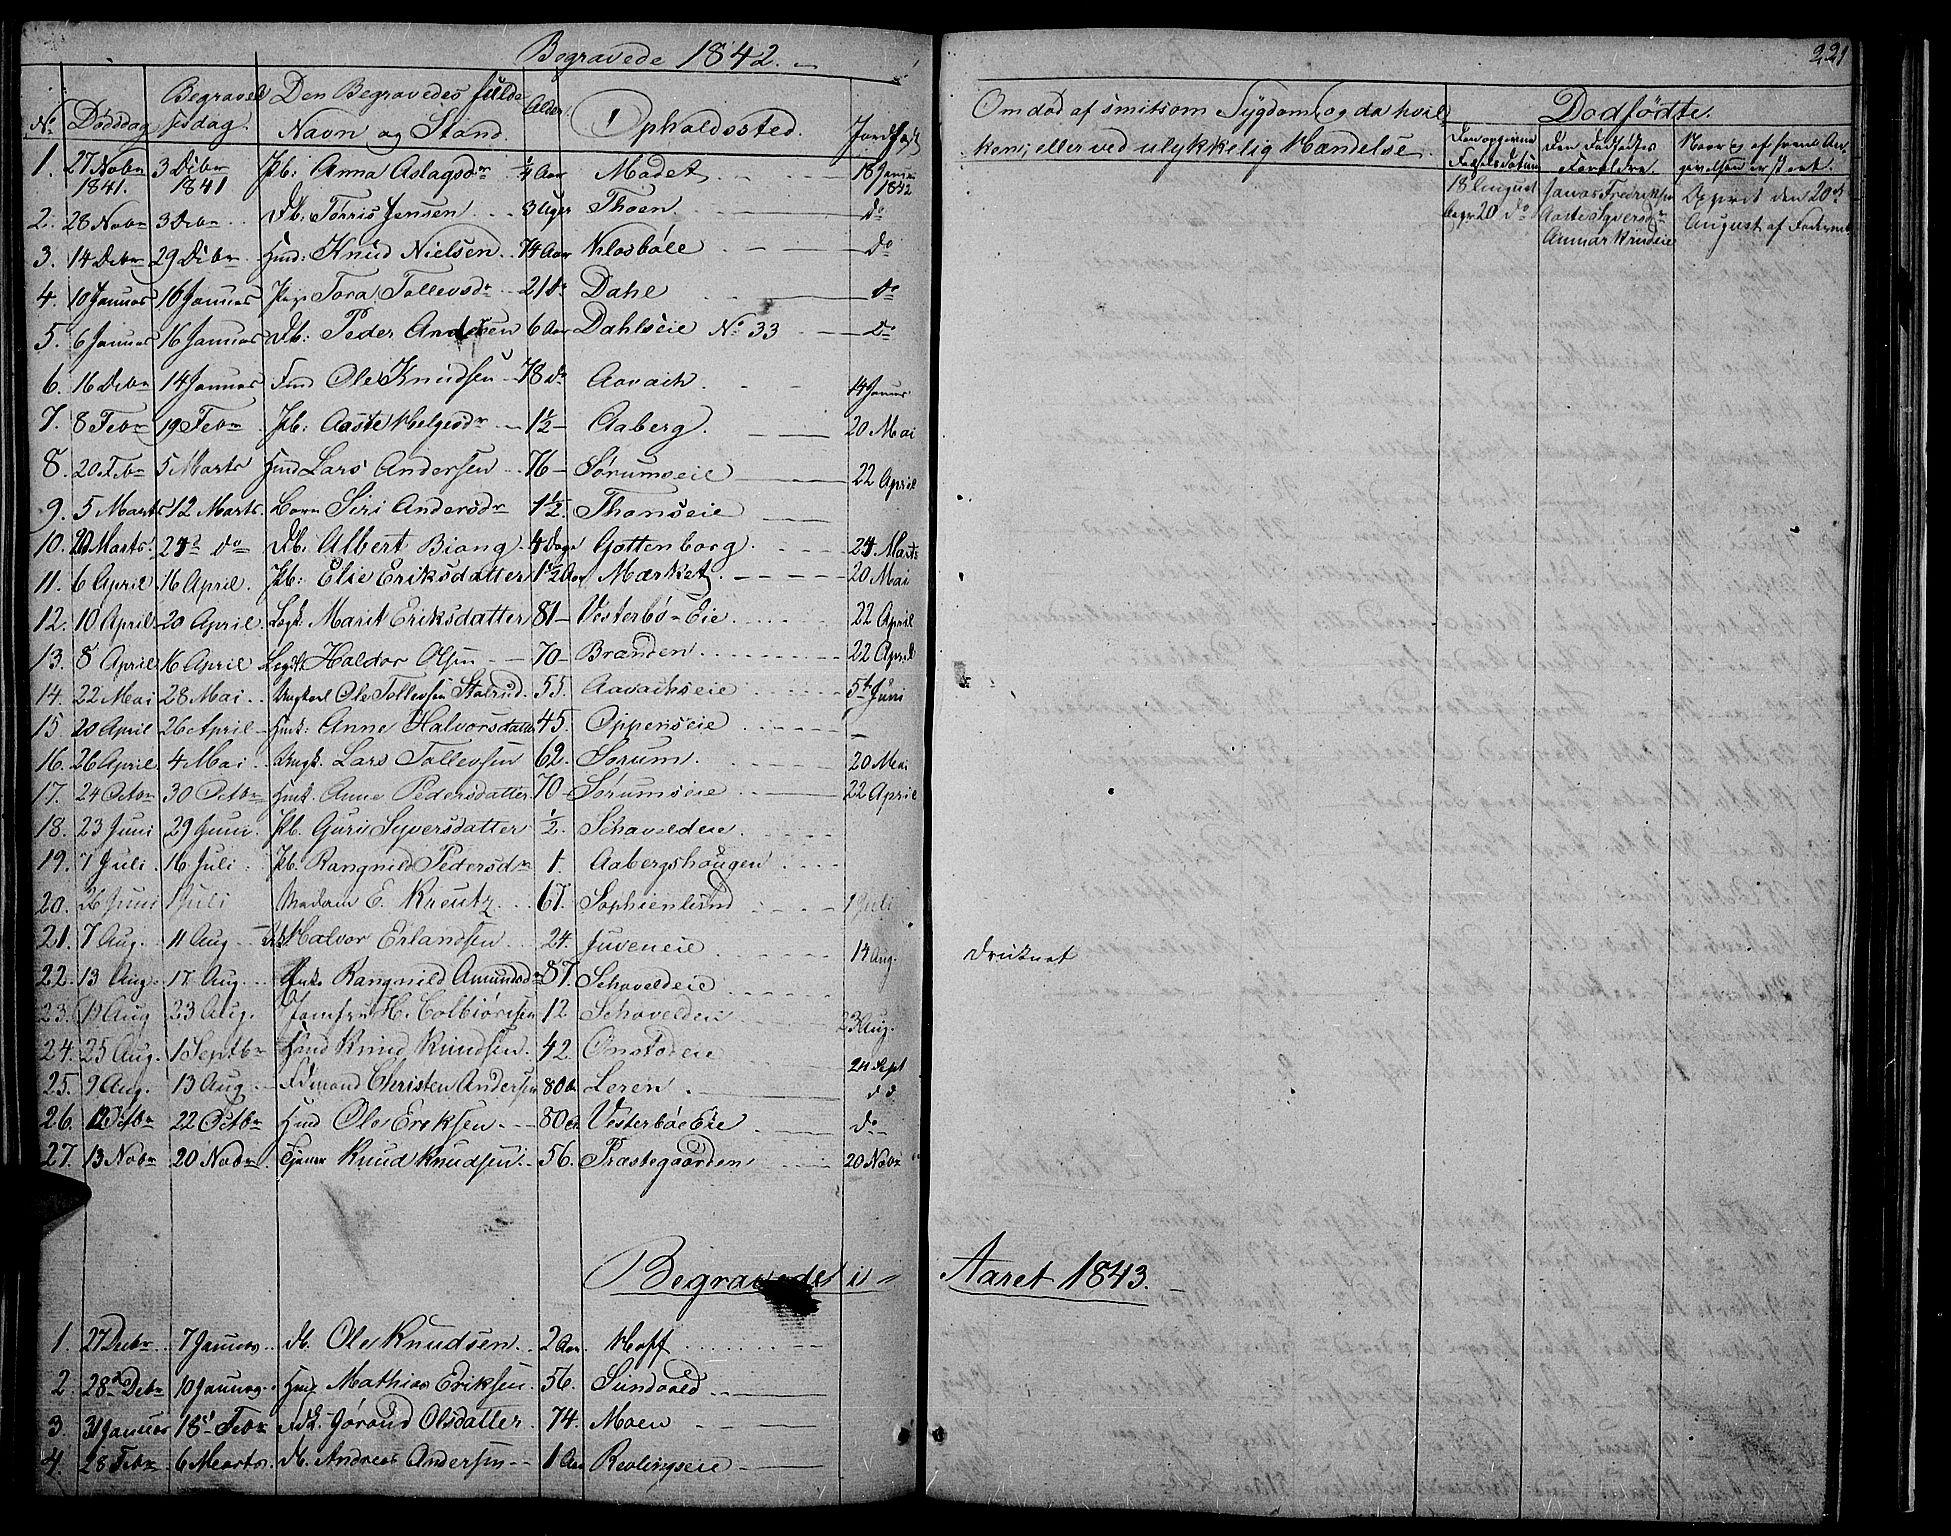 SAH, Nord-Aurdal prestekontor, Klokkerbok nr. 2, 1842-1877, s. 221